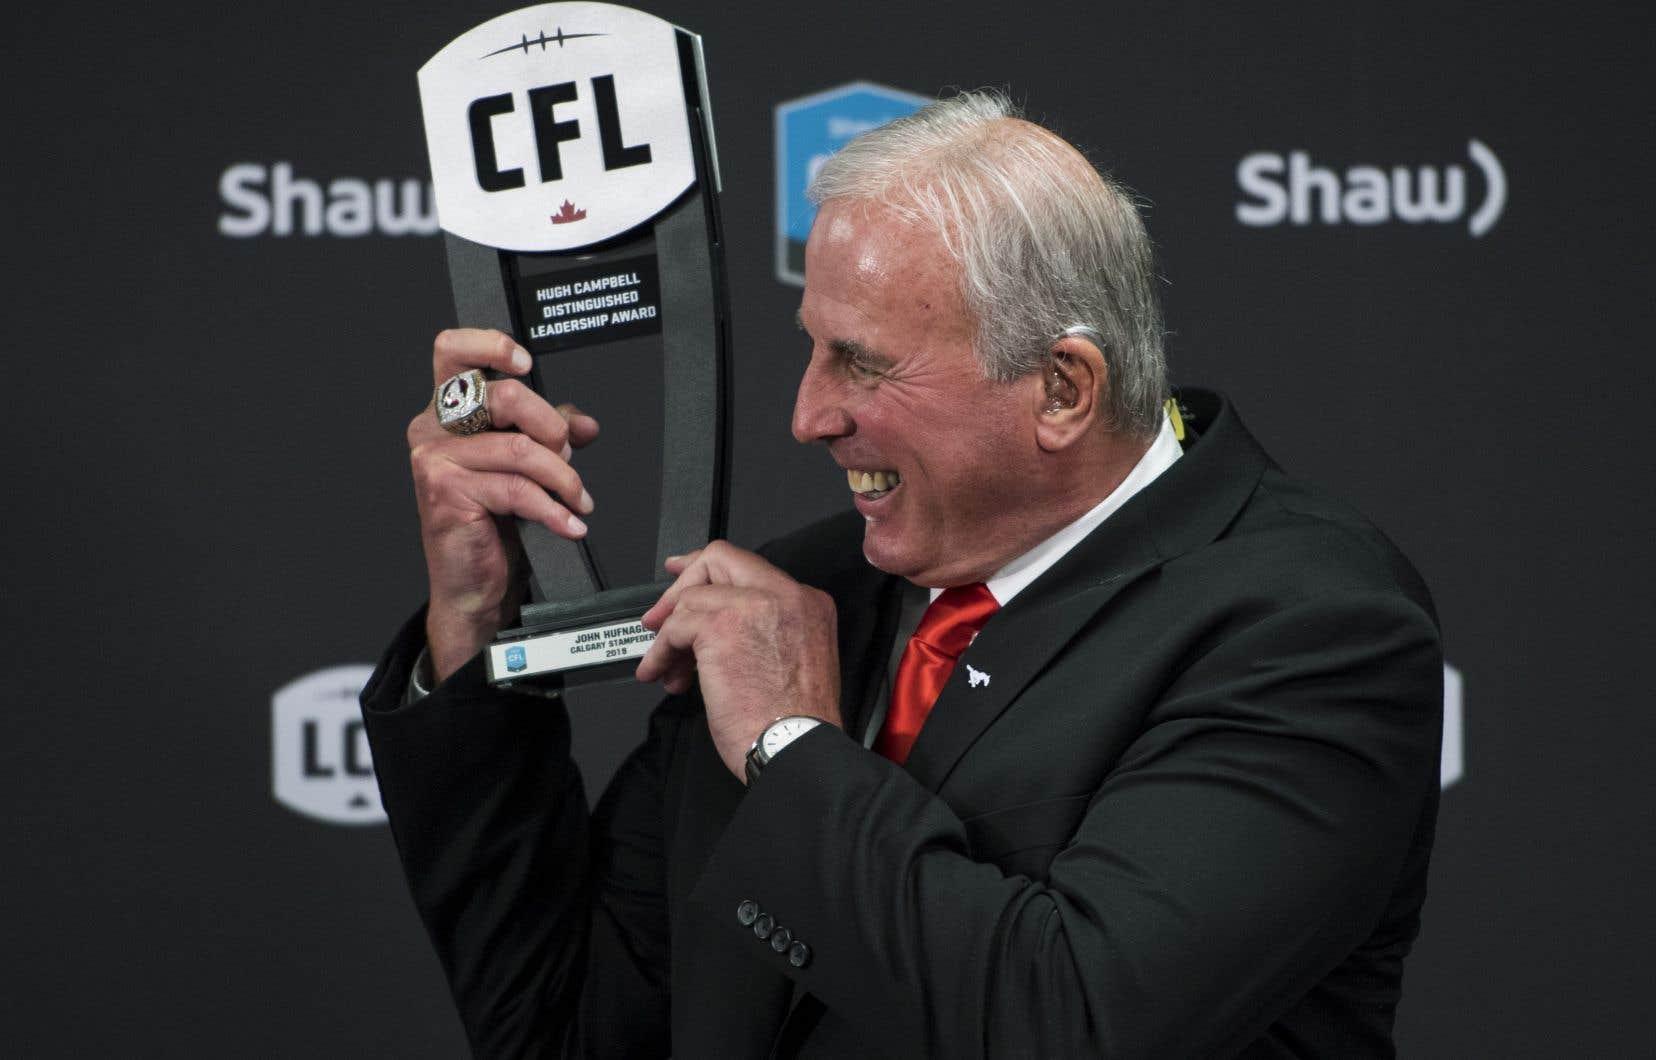 L'ancien entraîneur-chef et actuel président et directeur général des Stampeders de Calgary, John Hufnagel